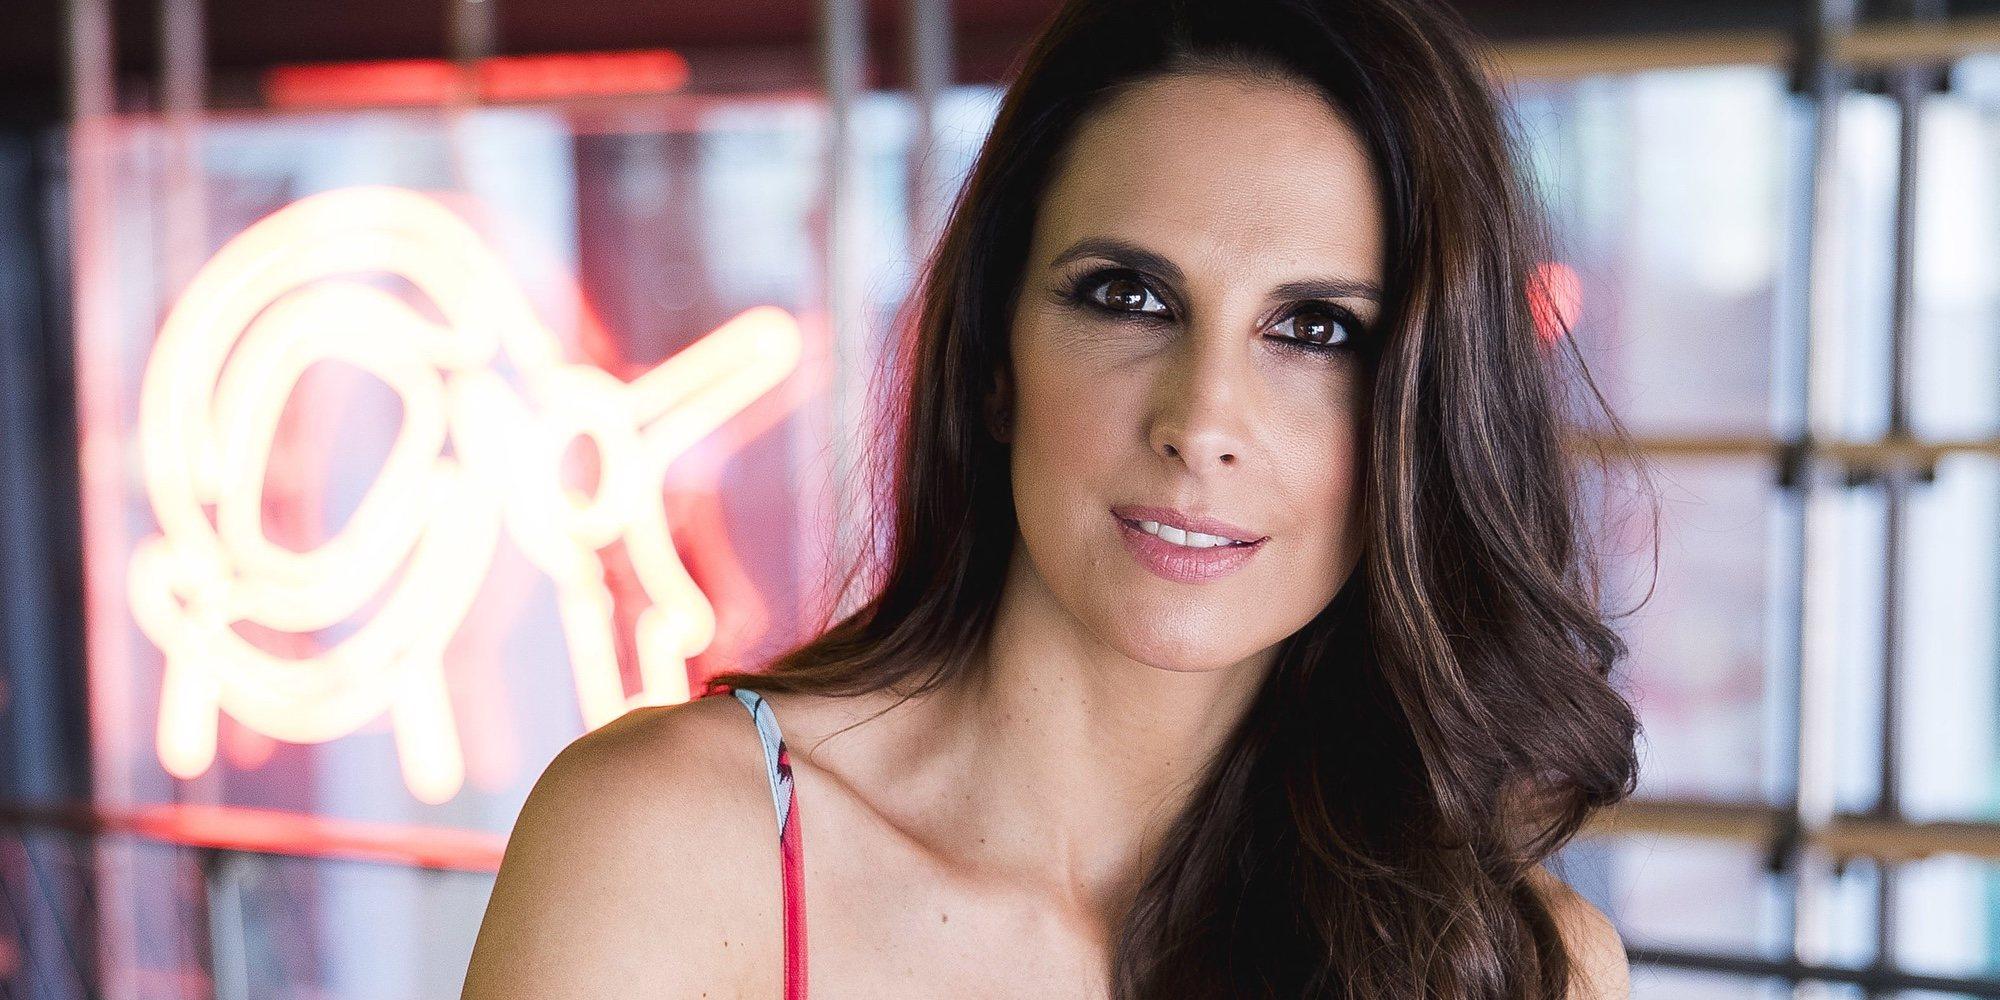 """Nuria Fergó: """"En 'Quererme solo yo' se ve lo bueno y lo malo porque en el amor se disfruta y se sufre"""""""